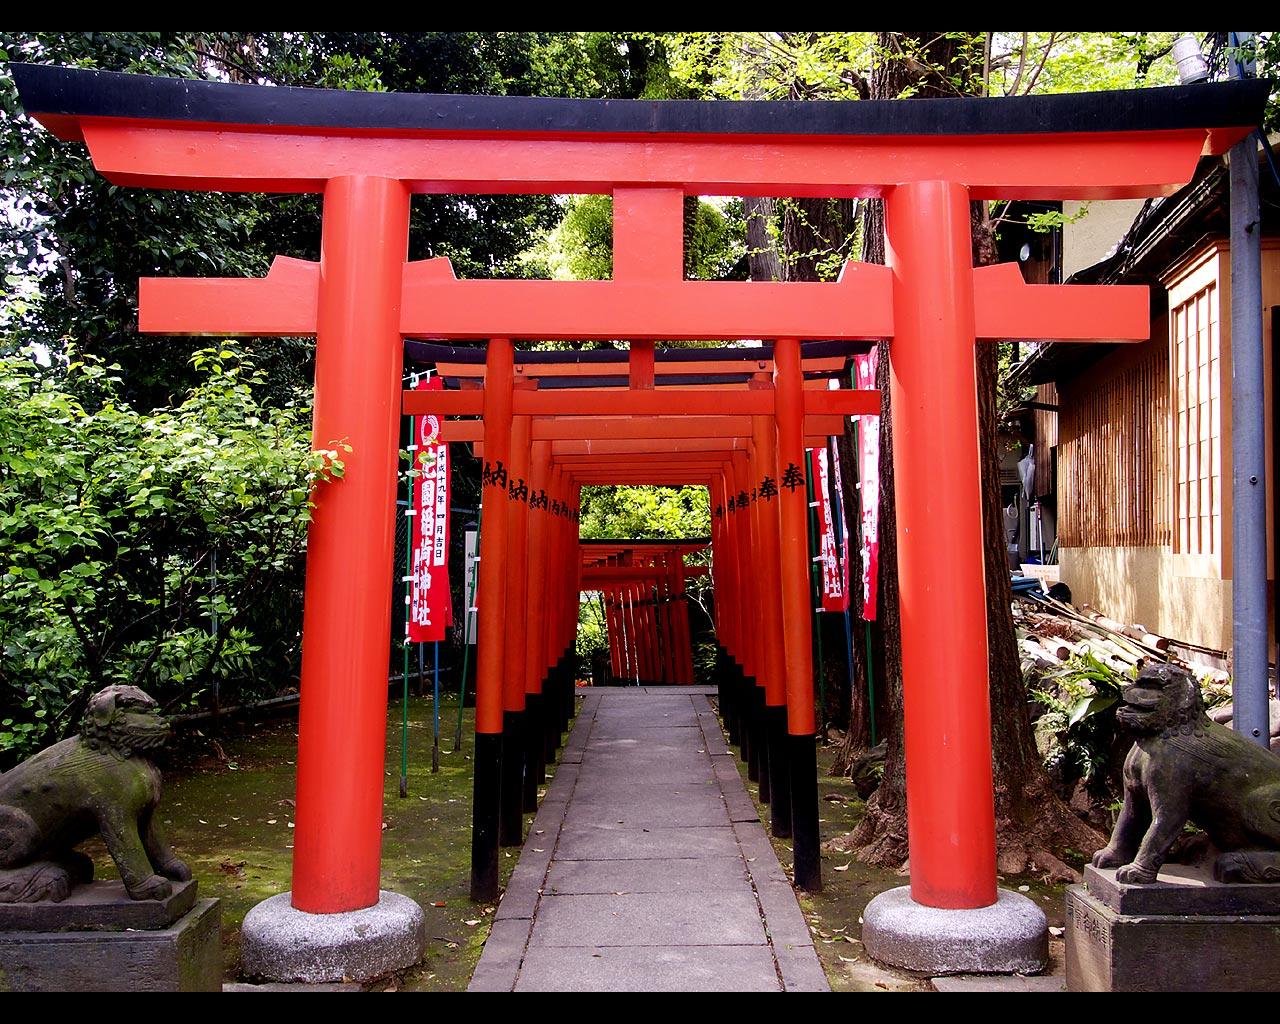 上野の風景壁紙写真10 花園稲荷神社の鳥居 1280 1024